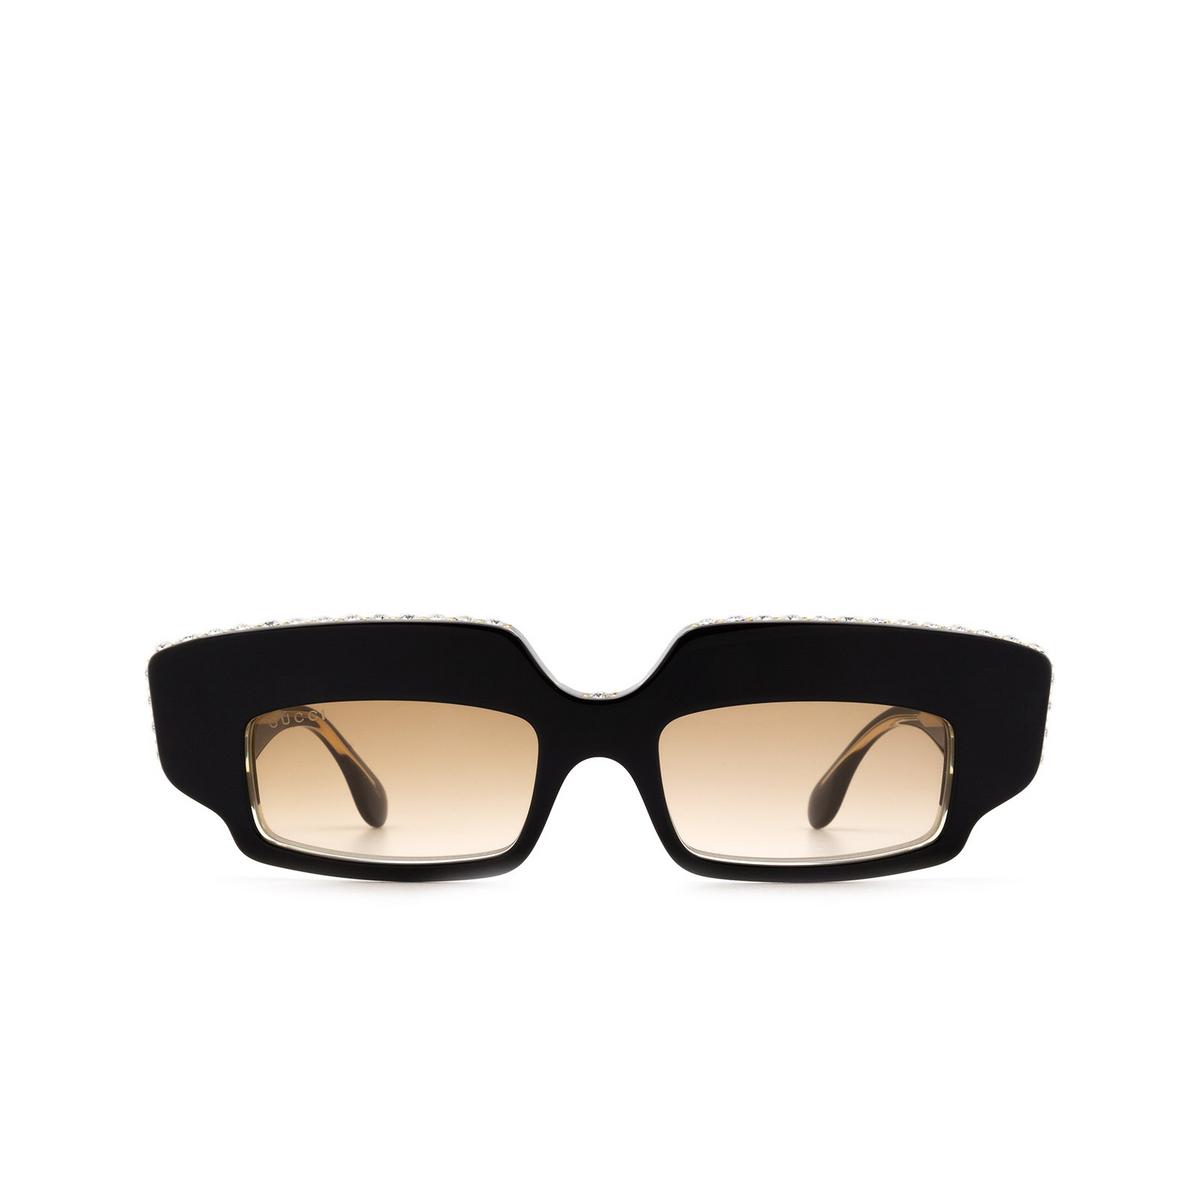 Gucci® Rectangle Sunglasses: GG0782S color Black 001 - 1/3.